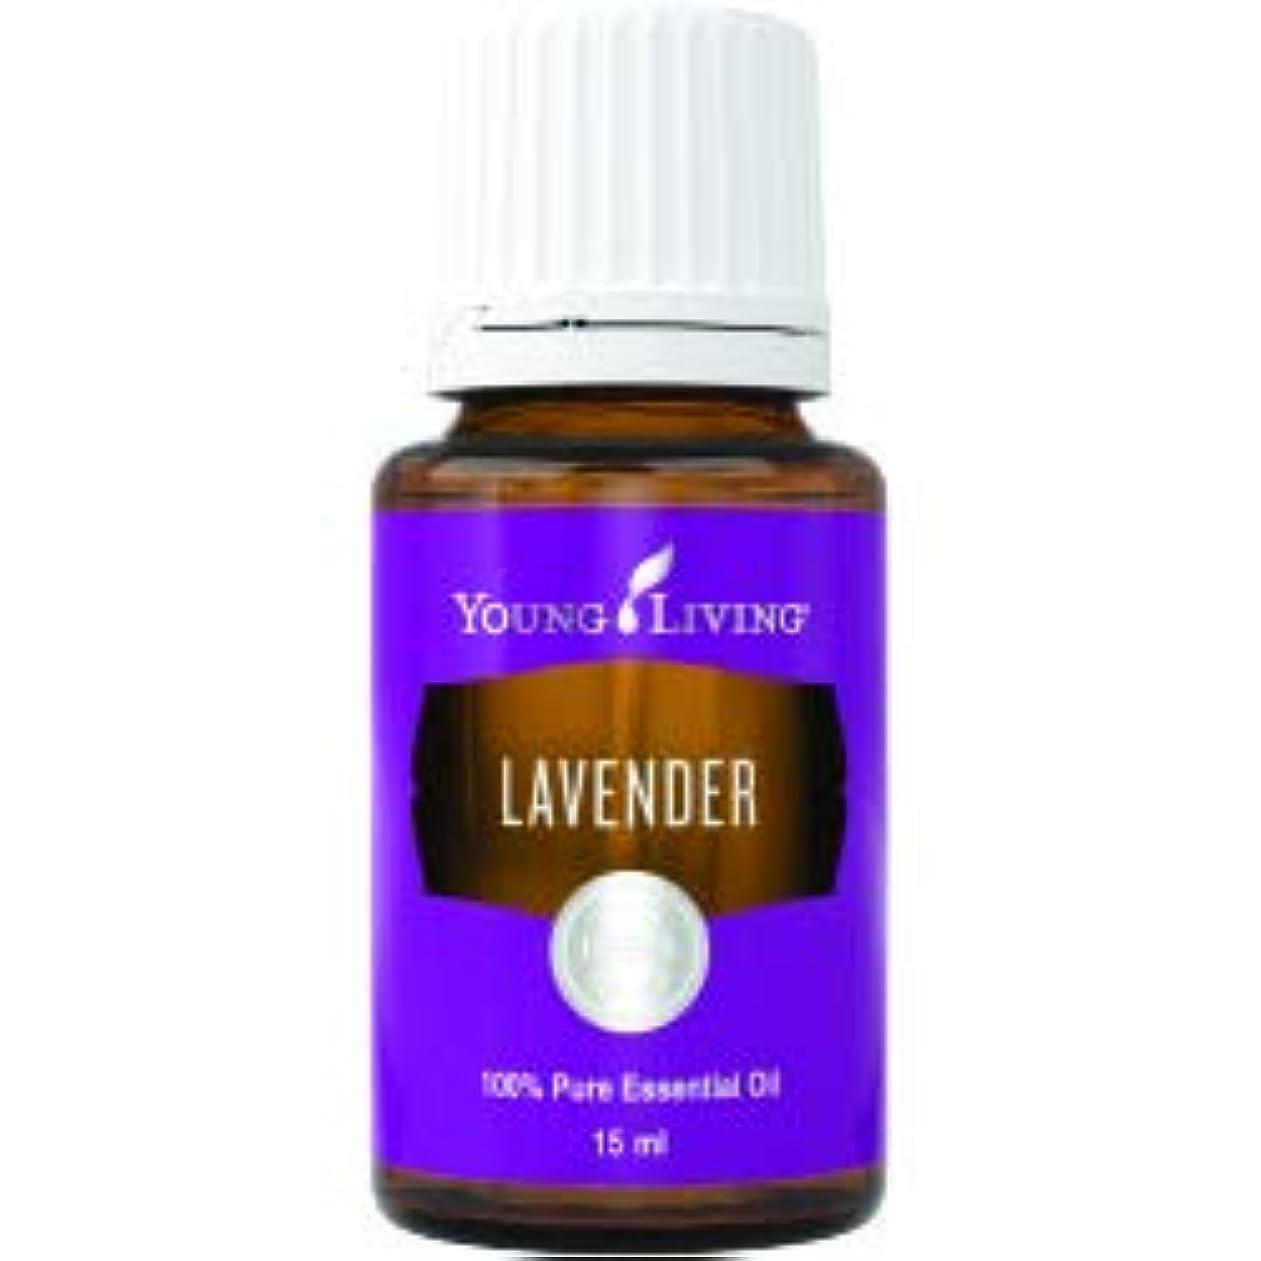 長さ十分です用心するラベンダーエッセンシャルオイル15ml by Young Livingエッセンシャルオイルマレーシア Lavender Essential Oil 15ml by Young Living Essential Oil Malaysia